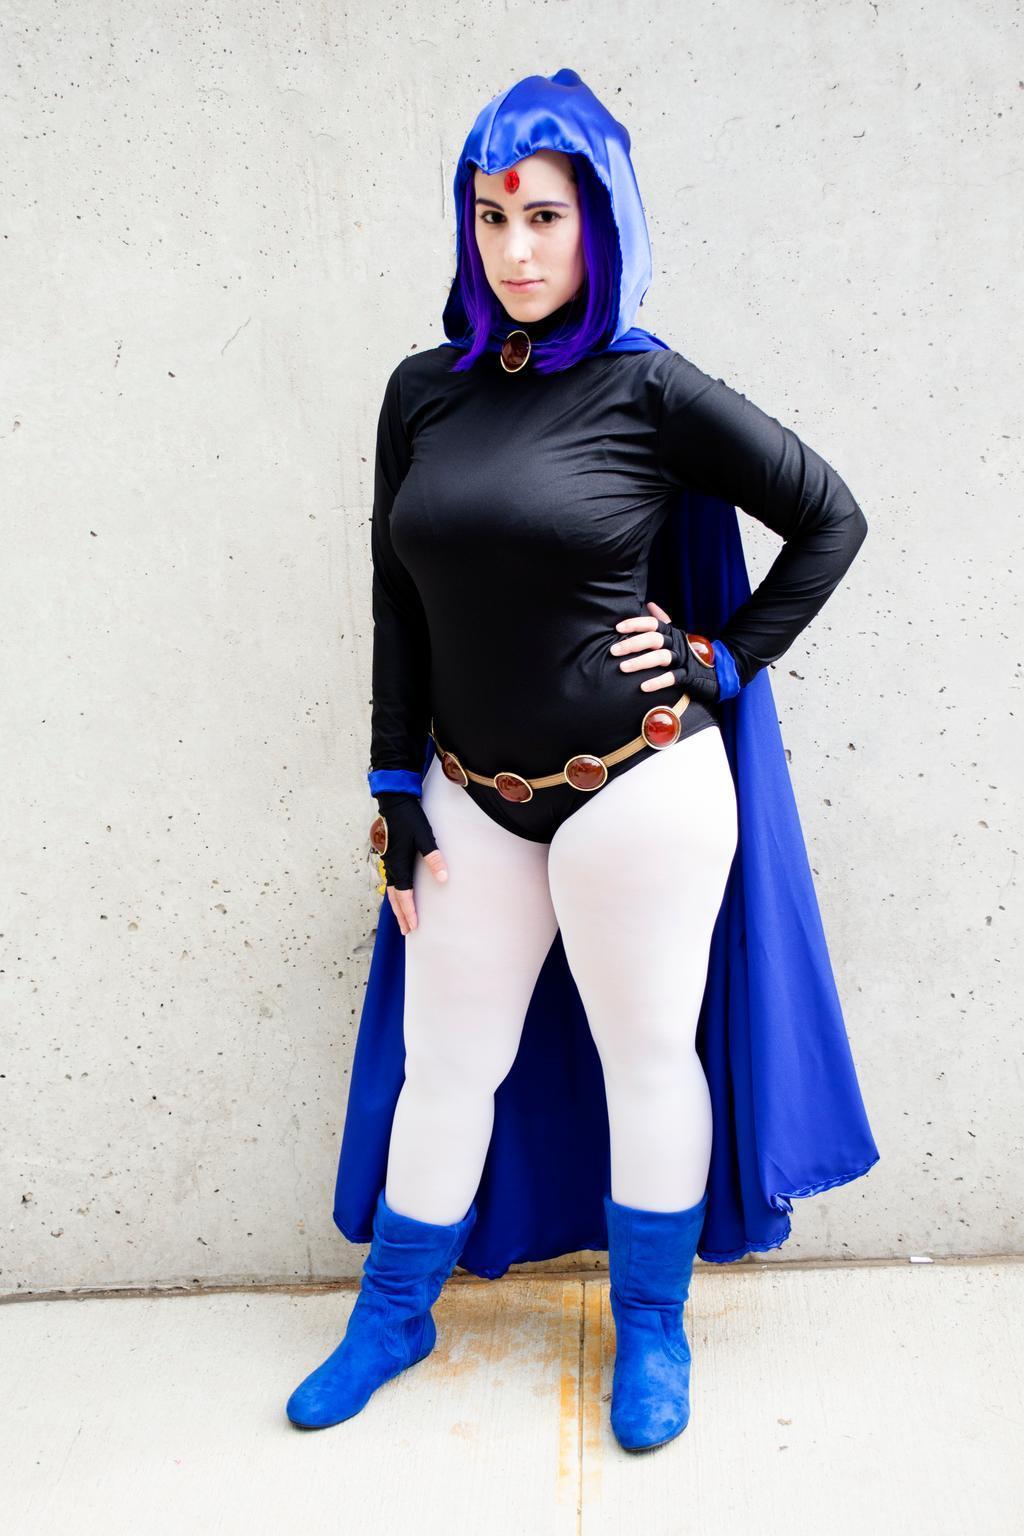 51 горячая фотография Raven, которая делает ее иконой совершенства - GEEKS ON COFFEE